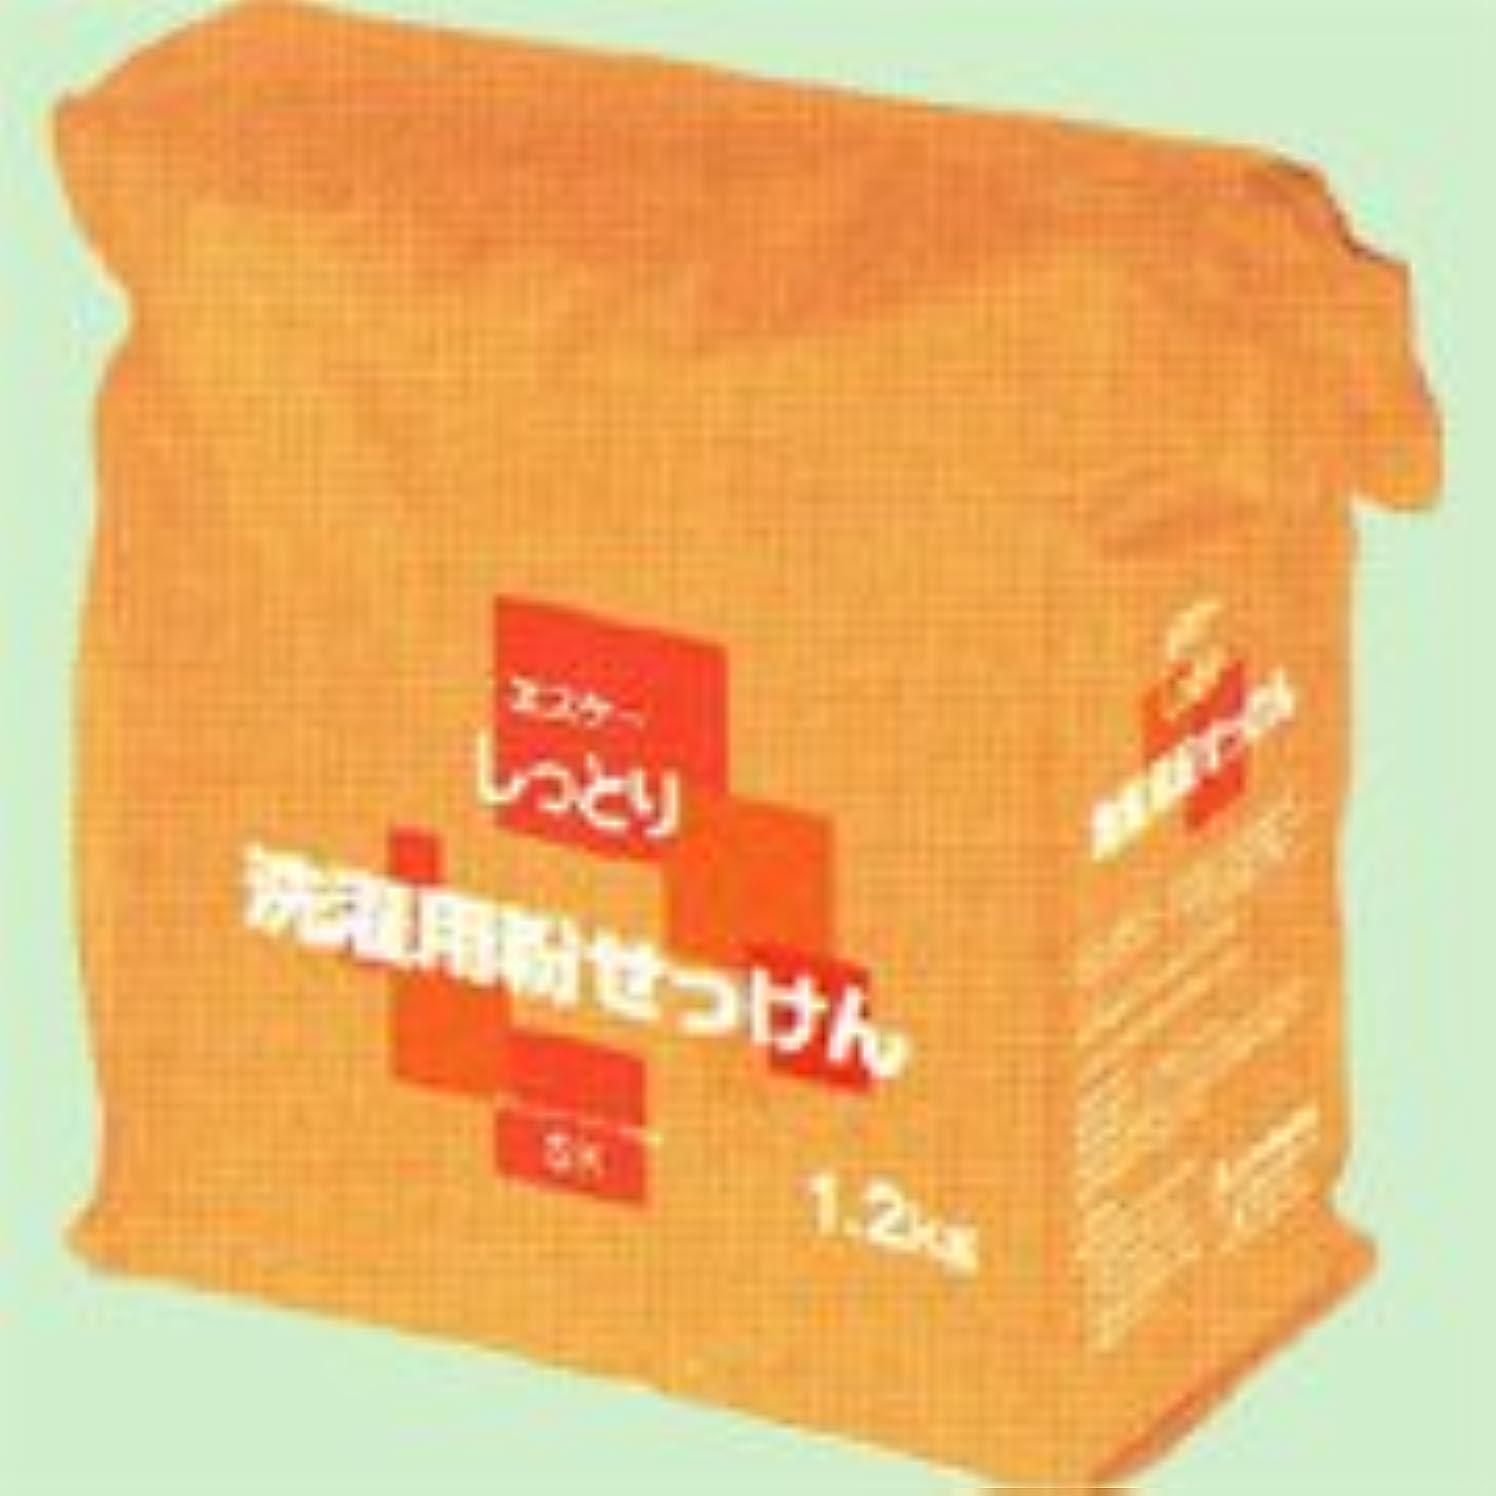 スキップお酒ご近所しっとり洗濯用粉せっけん詰替用 1.2kg   エスケー石鹸